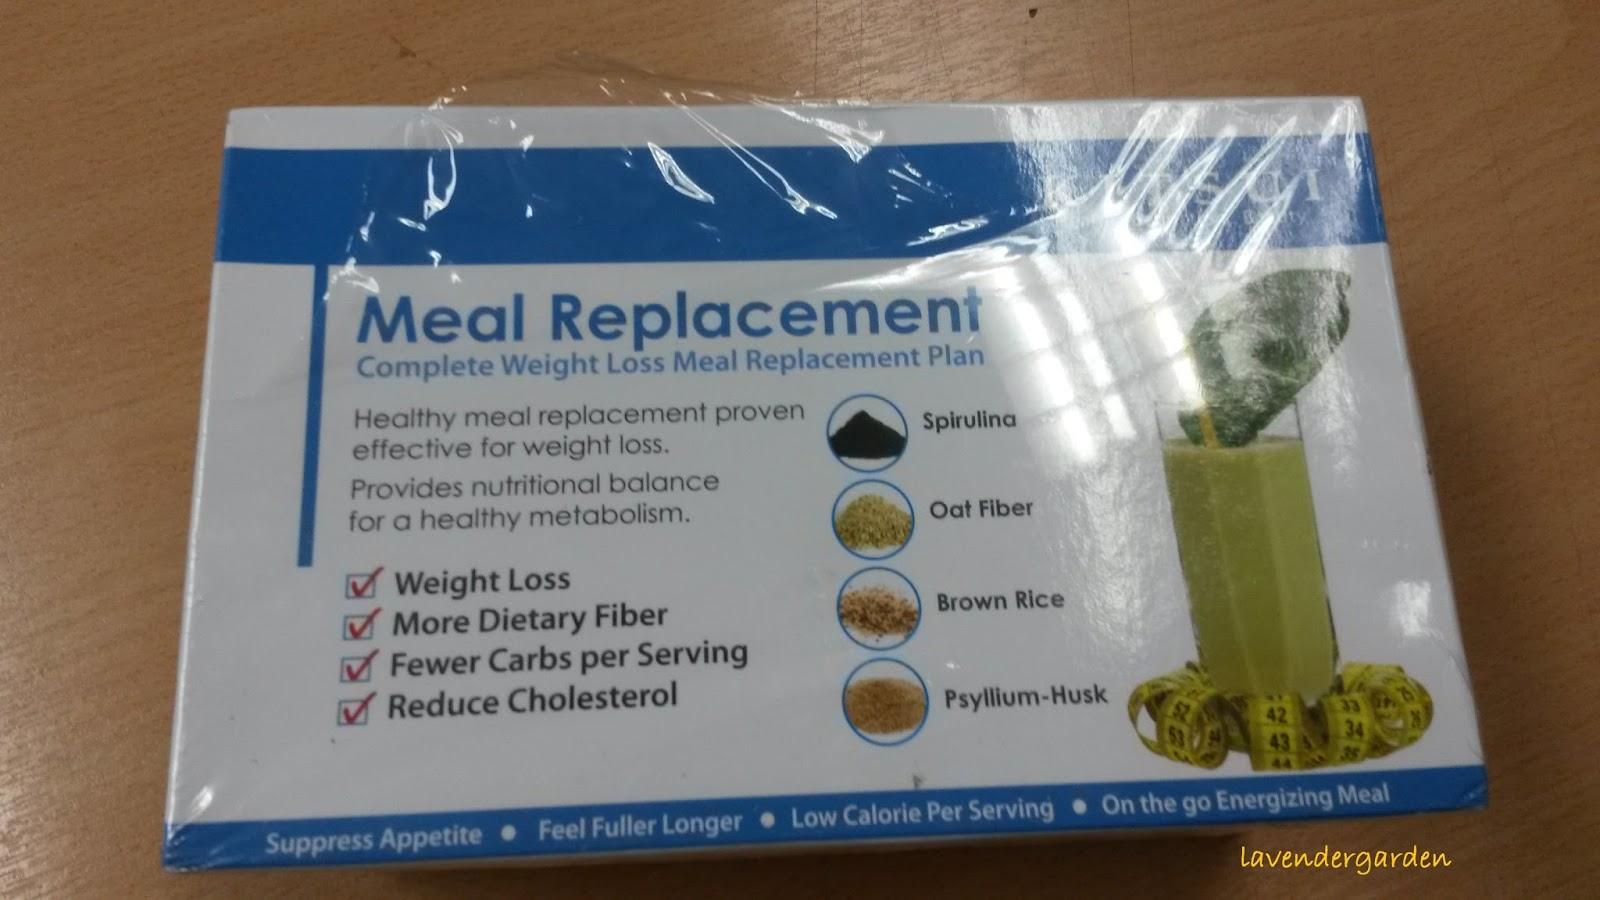 Cel mai bun amestec de suplimente pentru pierderea în greutate